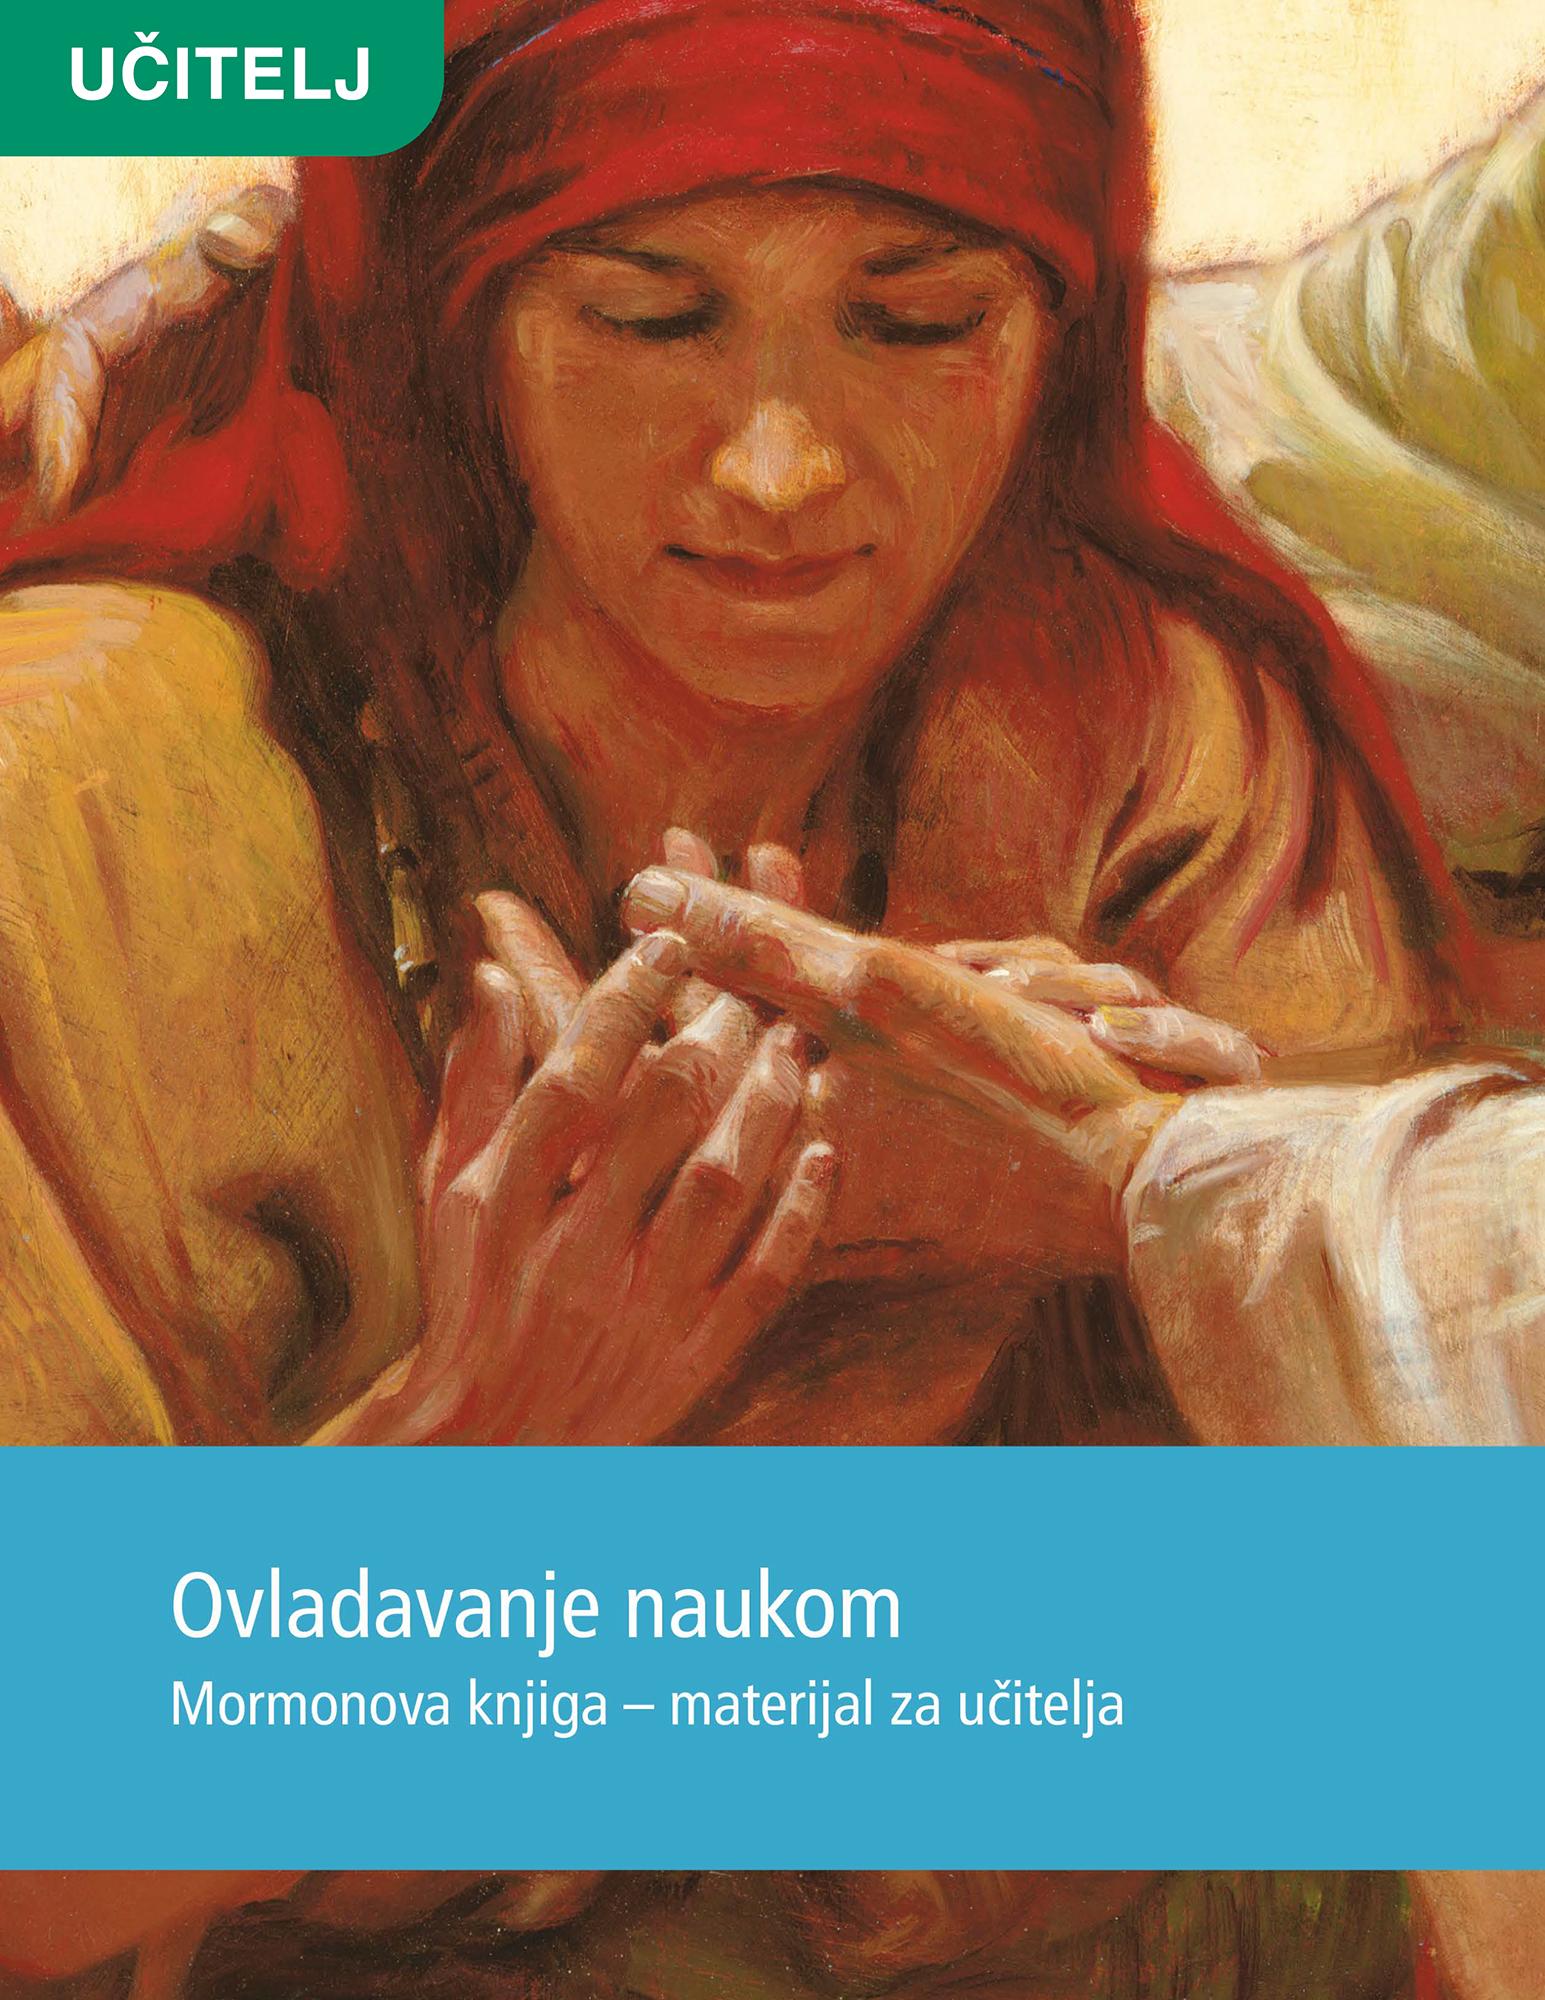 Materijal za učitelja za ovladavanje naukom Mormonove knjige